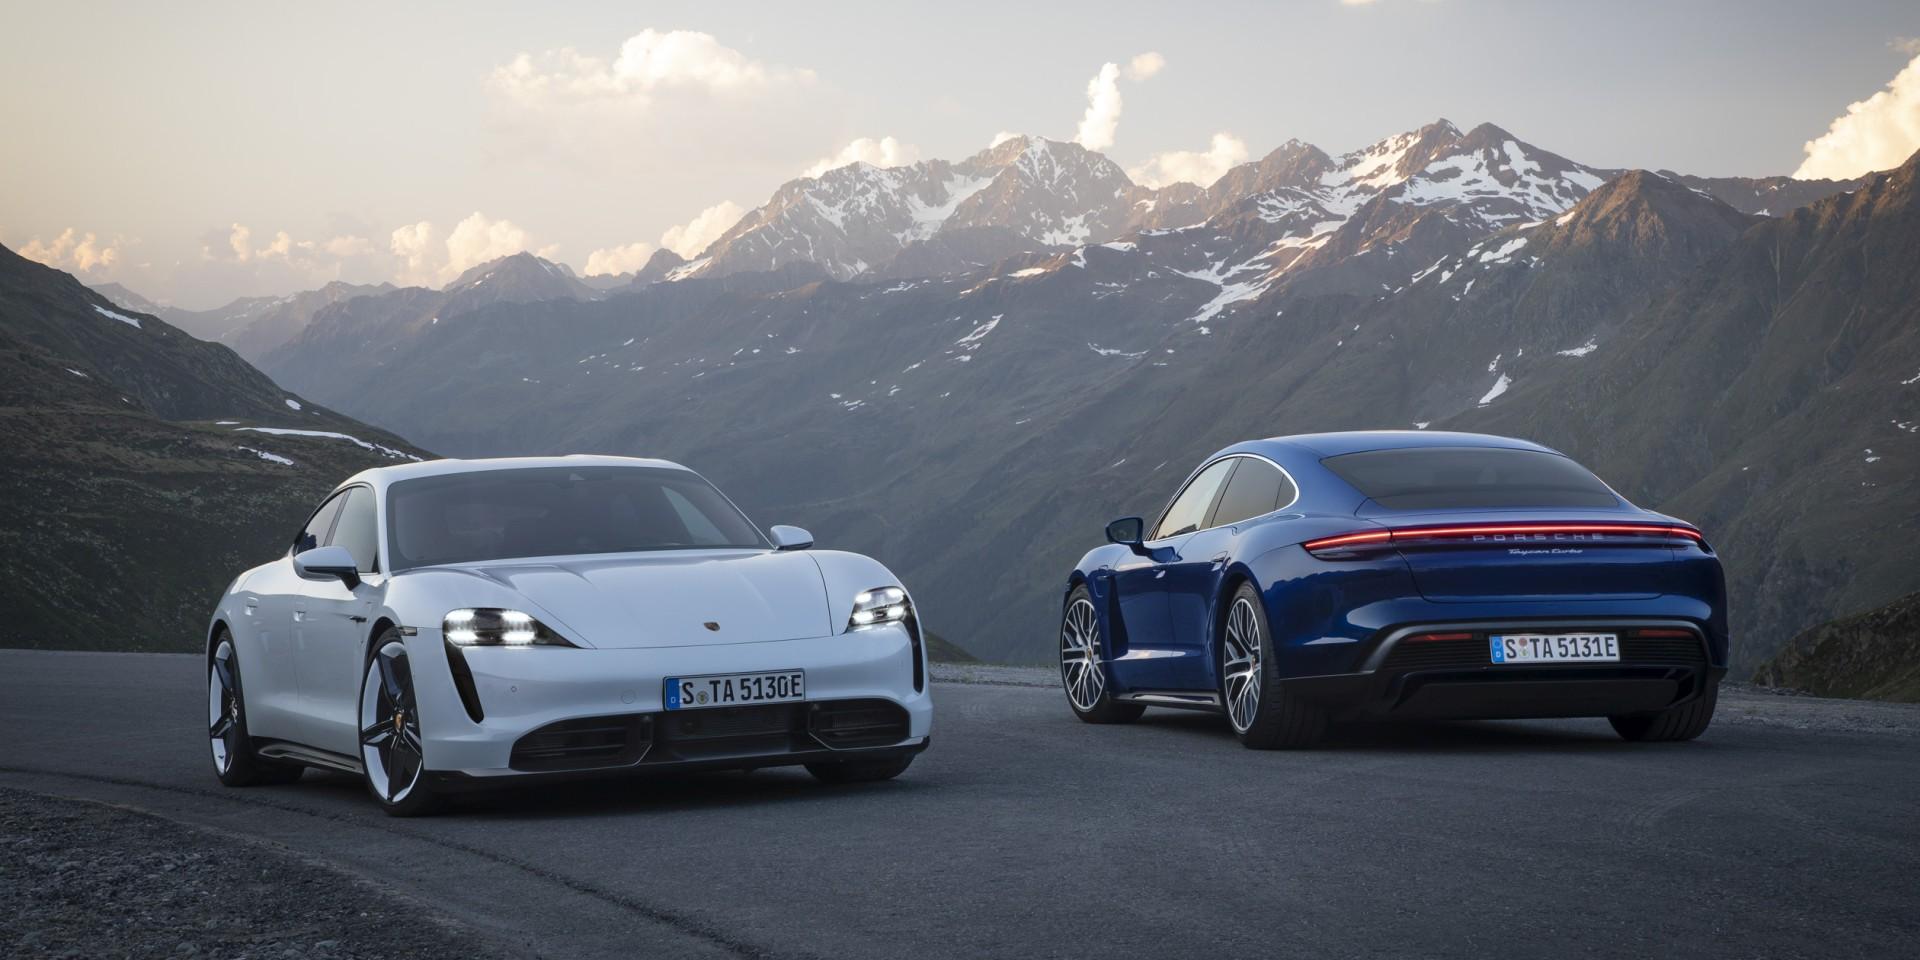 入主保時捷首款純電跑車僅需473萬元起,Porsche Taycan預售價出爐